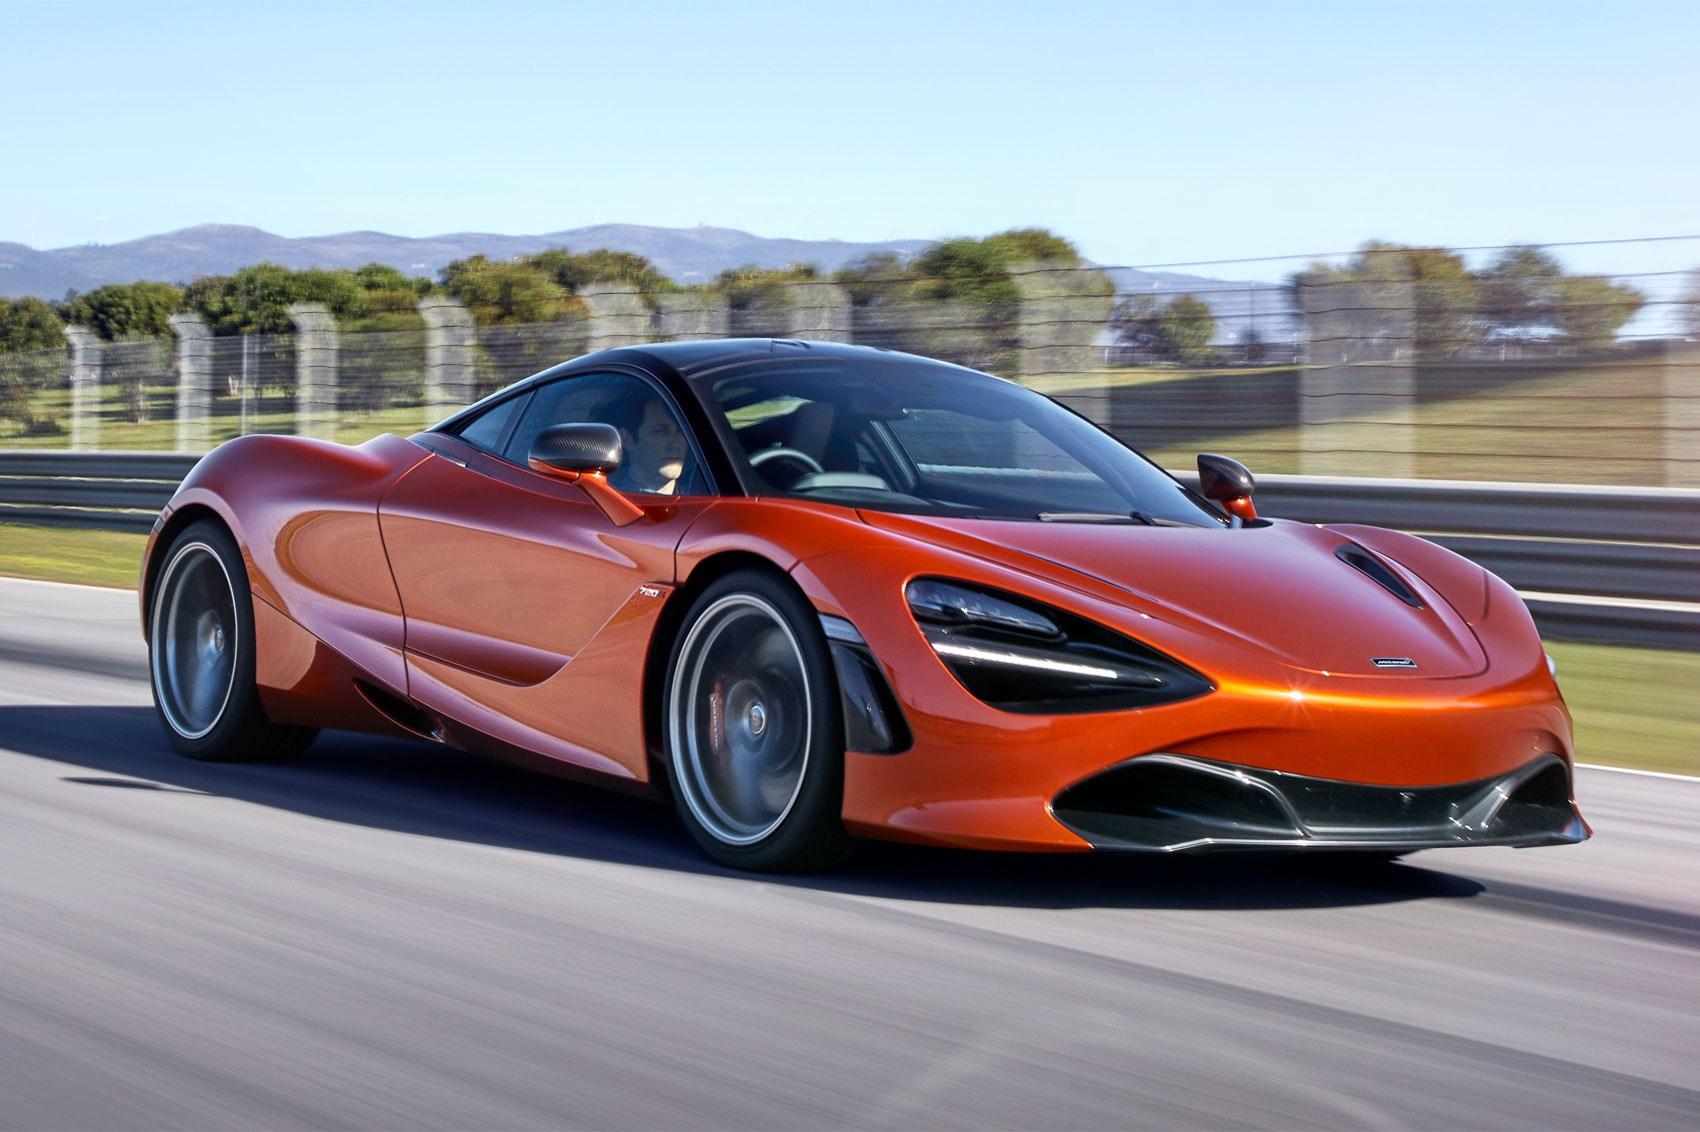 McLaren 750LT của McLaren 720S ra mắt vào 2020 có gì đặc biệt? - 6